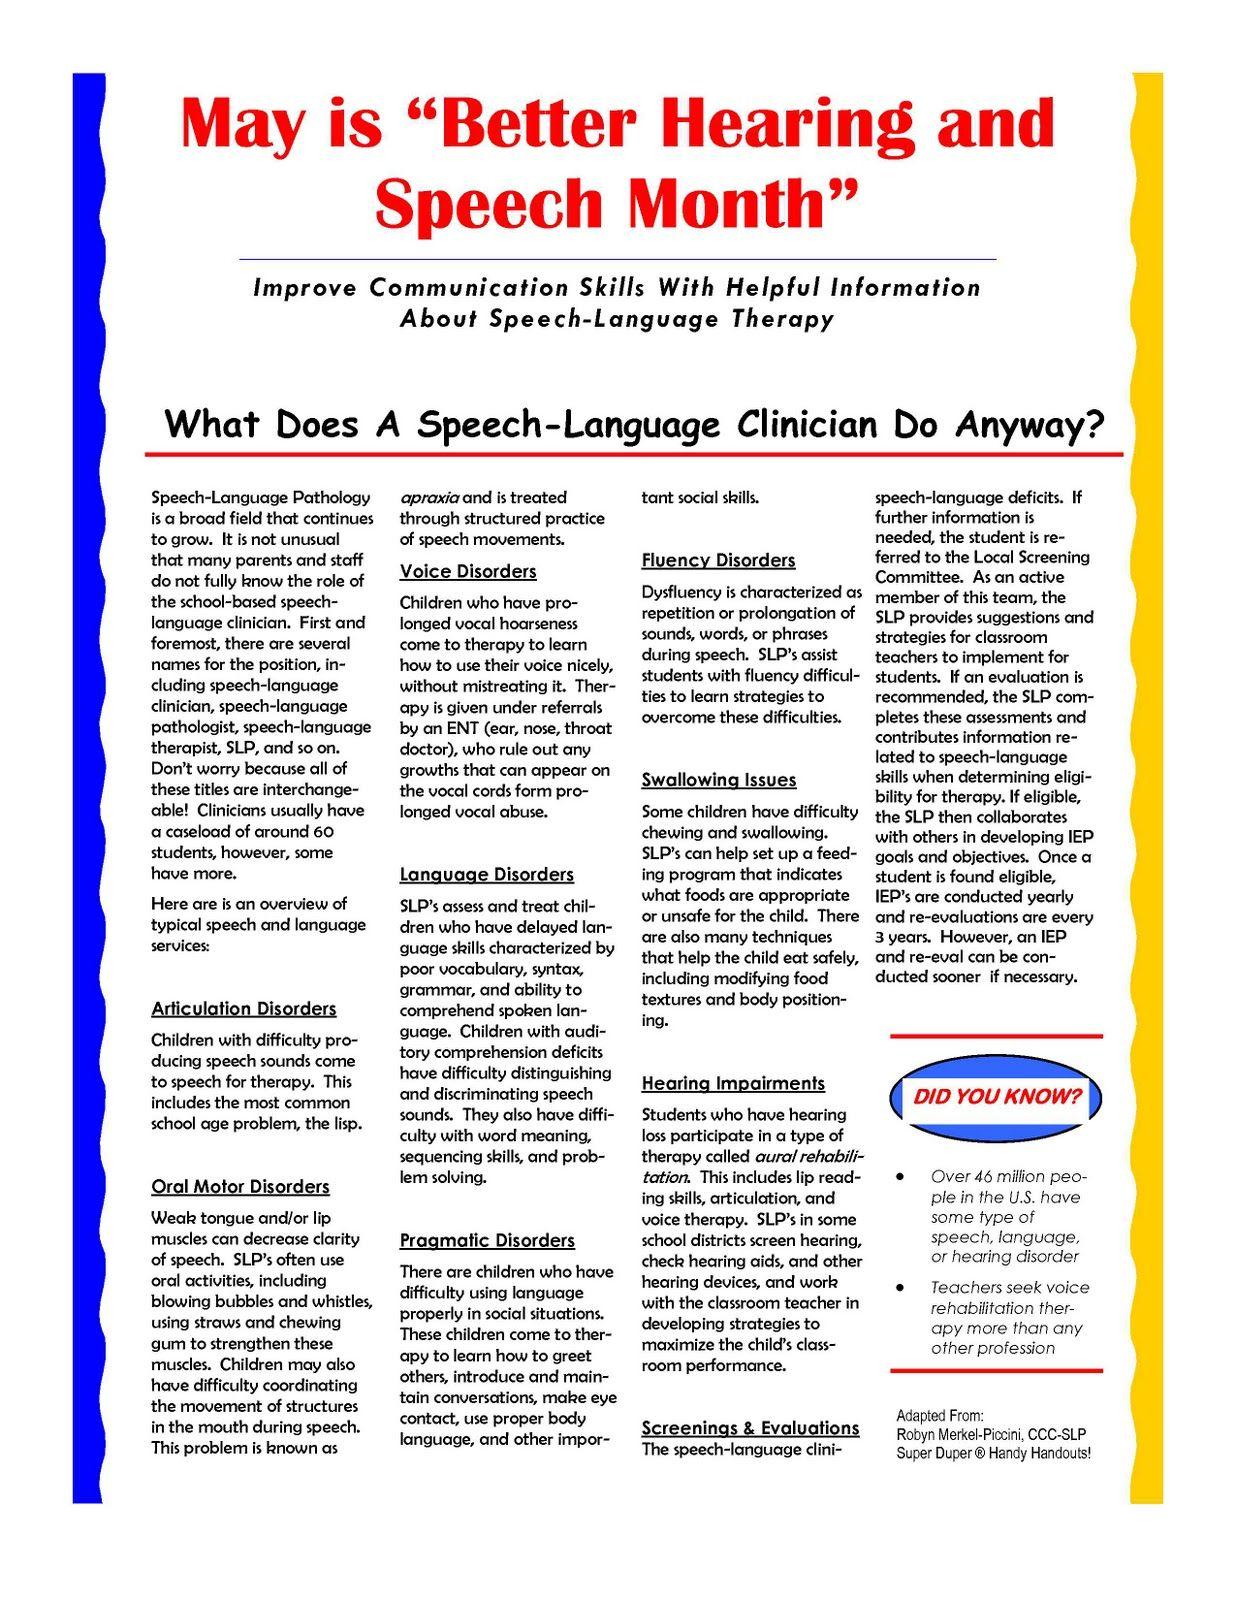 Speech career information management summary wie schreiben